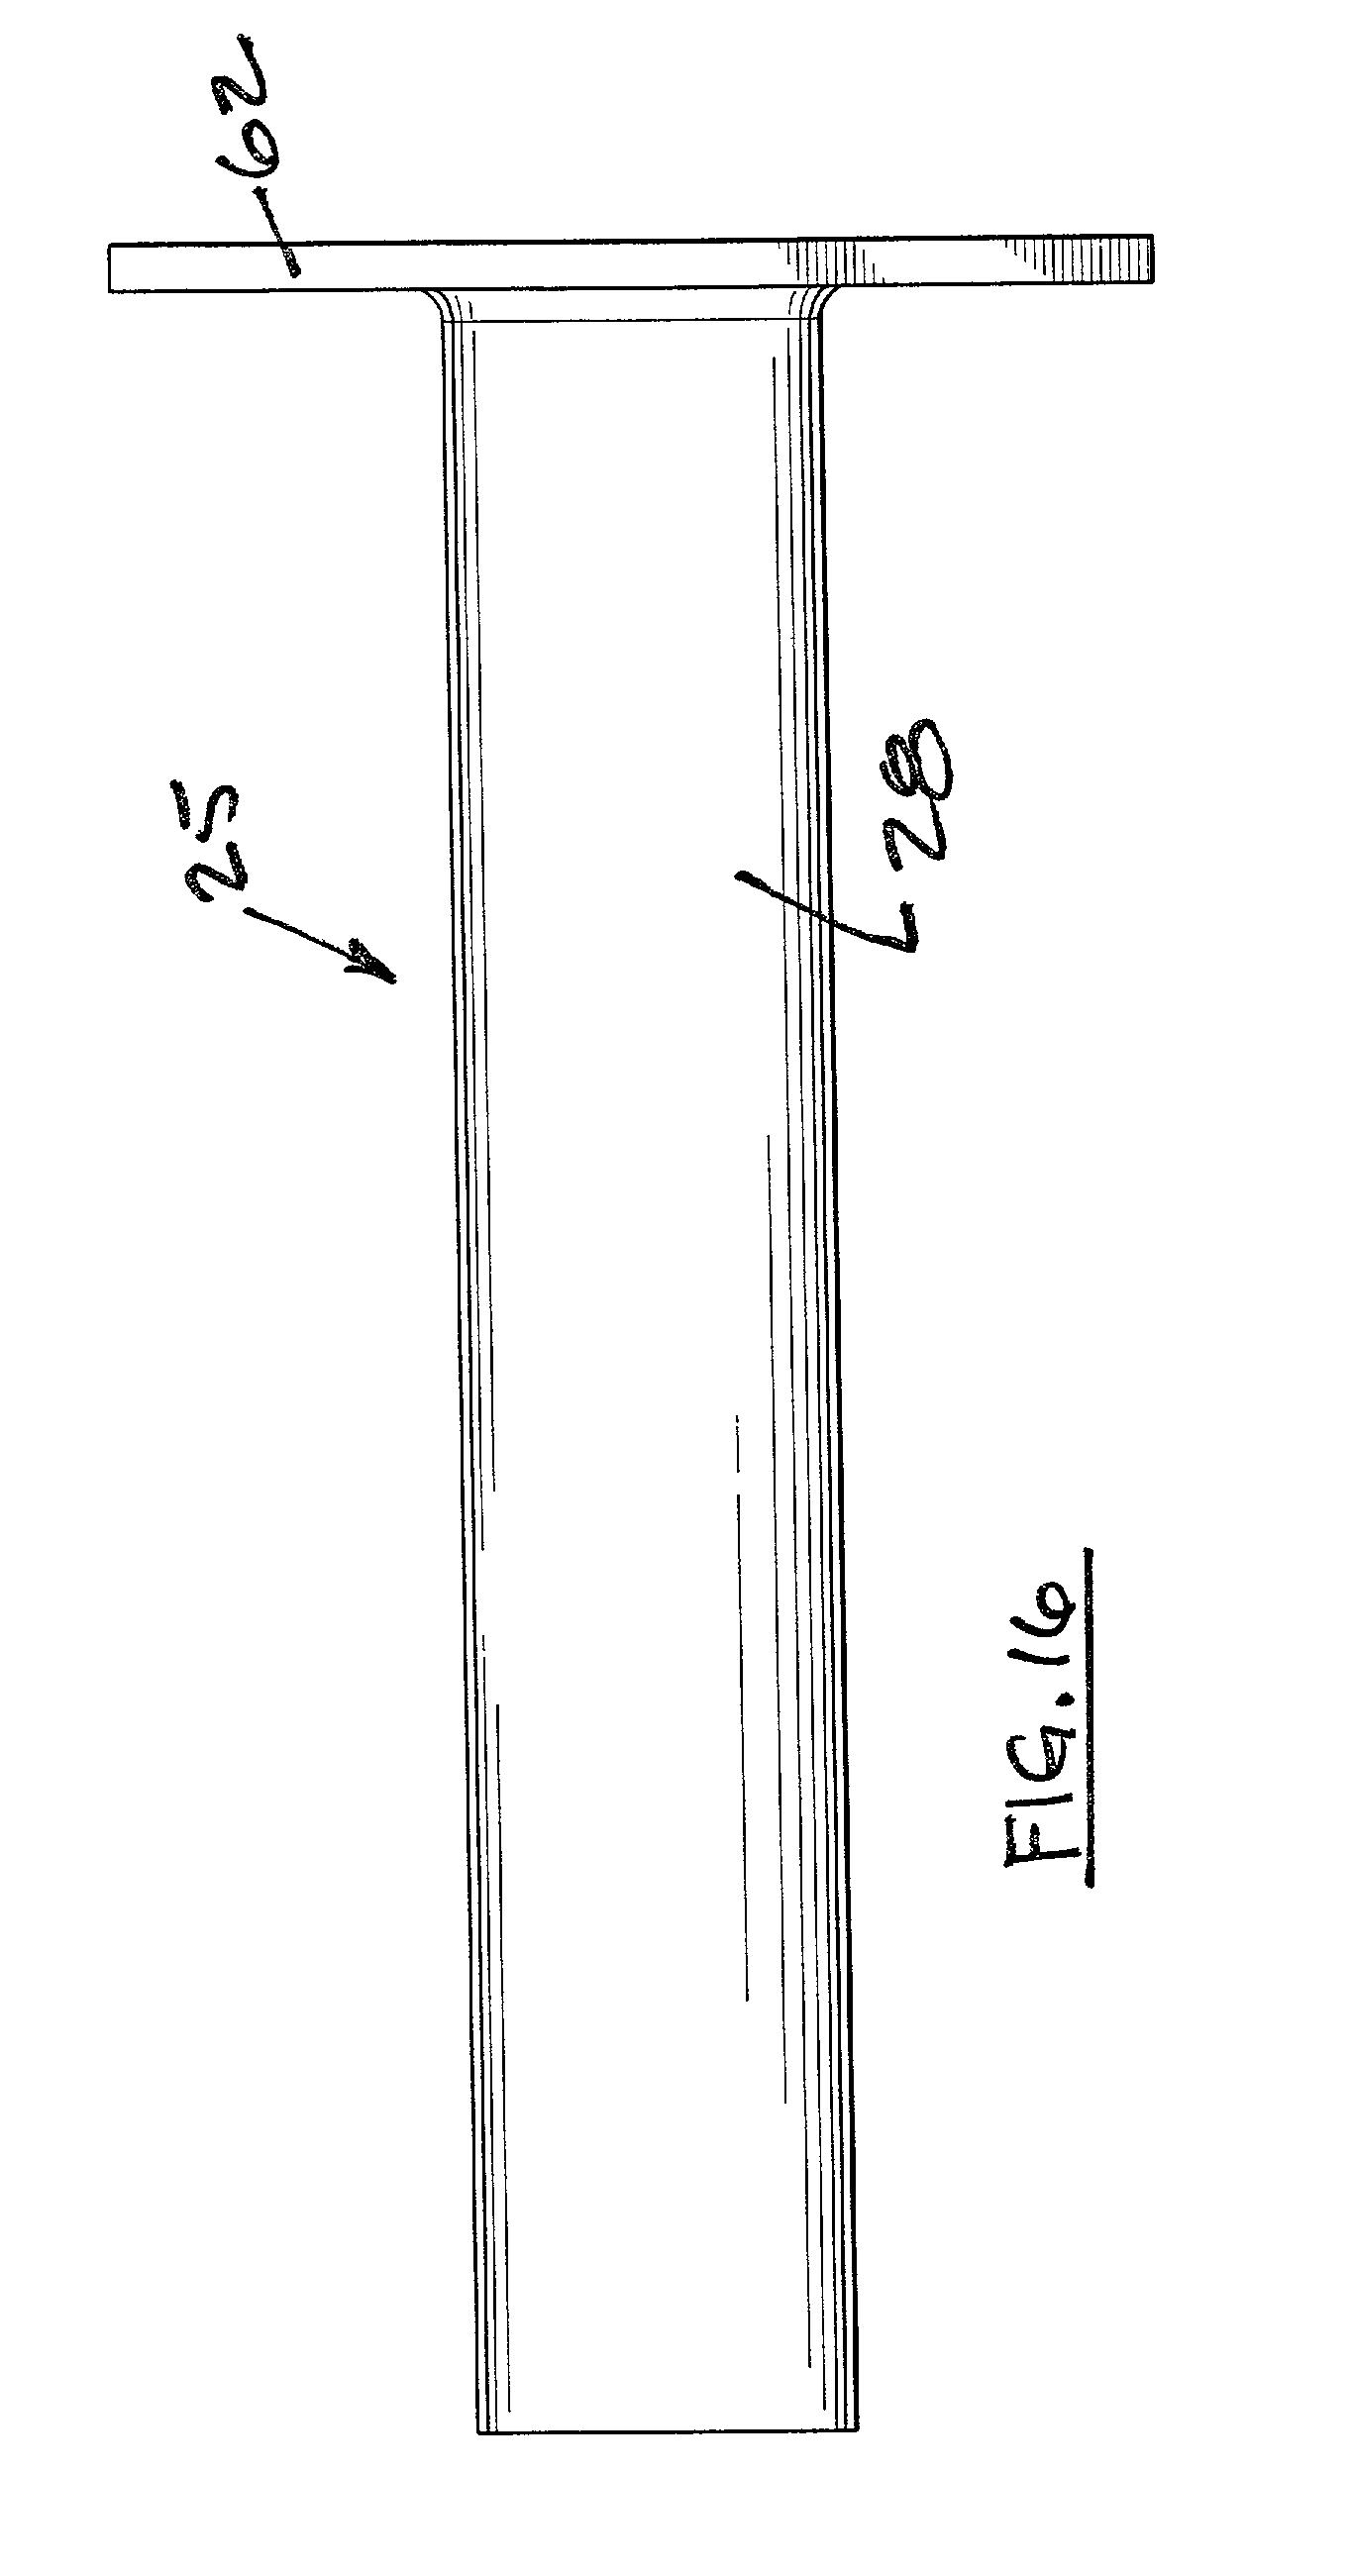 Patent US20030122728 - Satellite antenna mounting apparatus